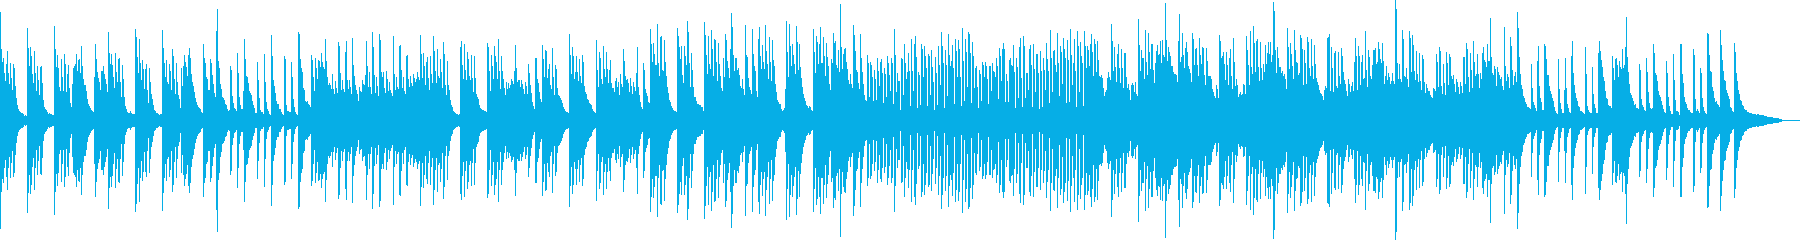 柔らかいタッチのピアノ曲の再生済みの波形